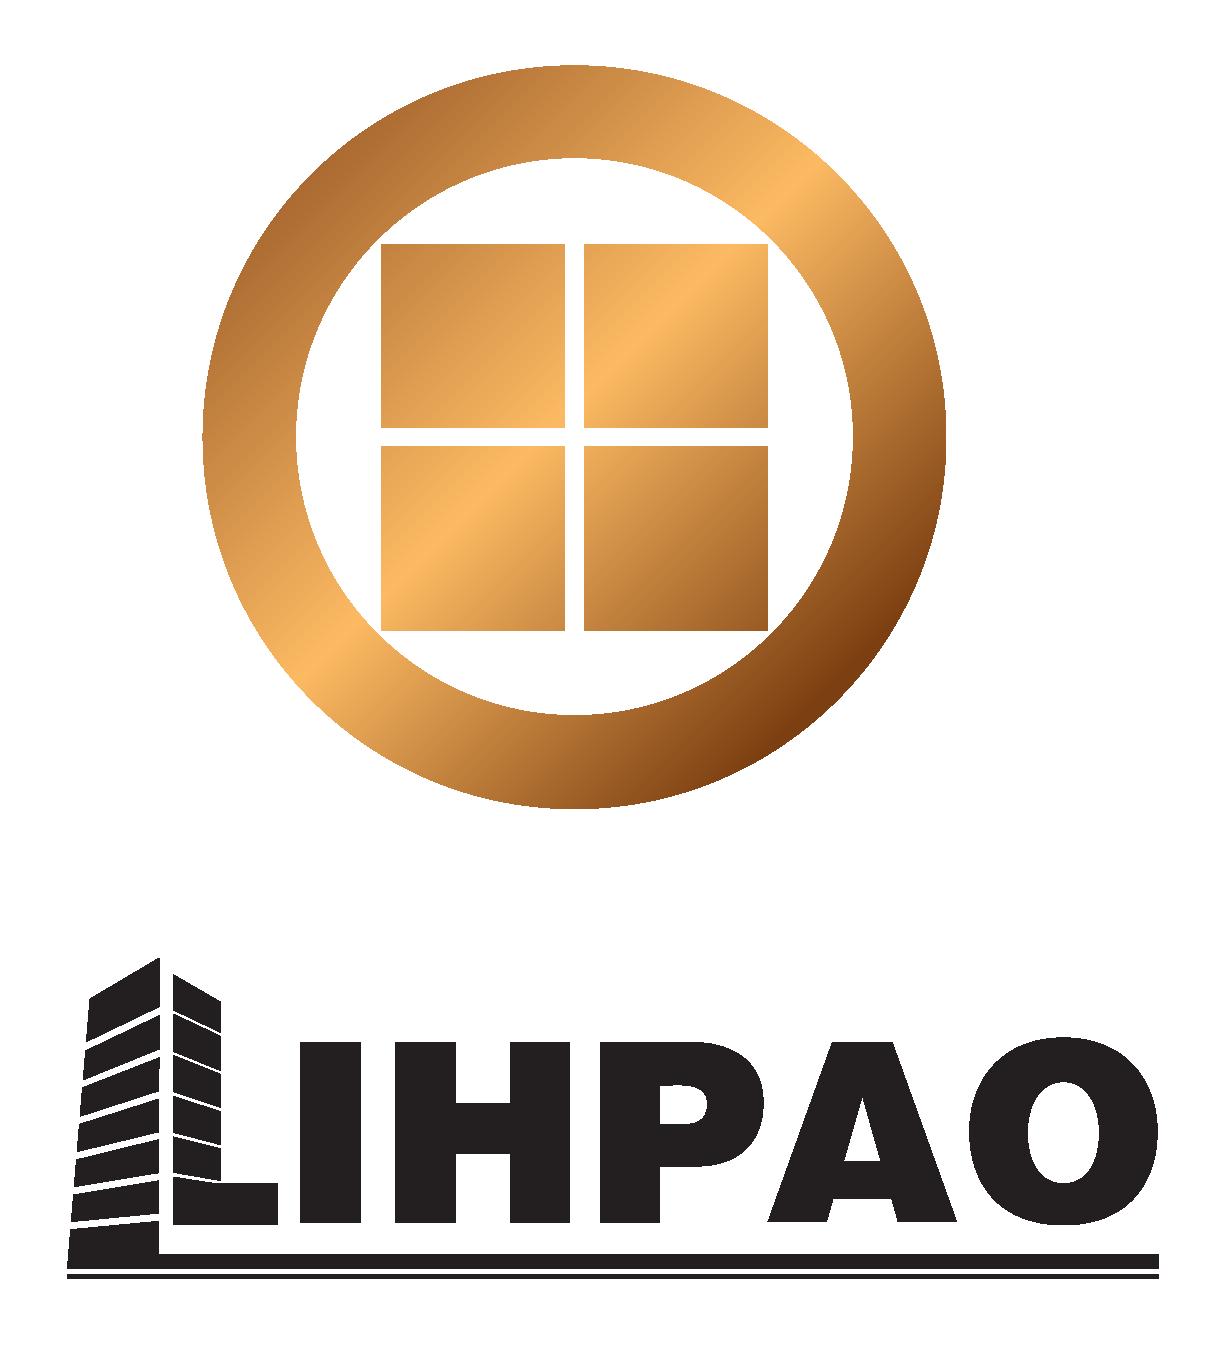 Lih Pao